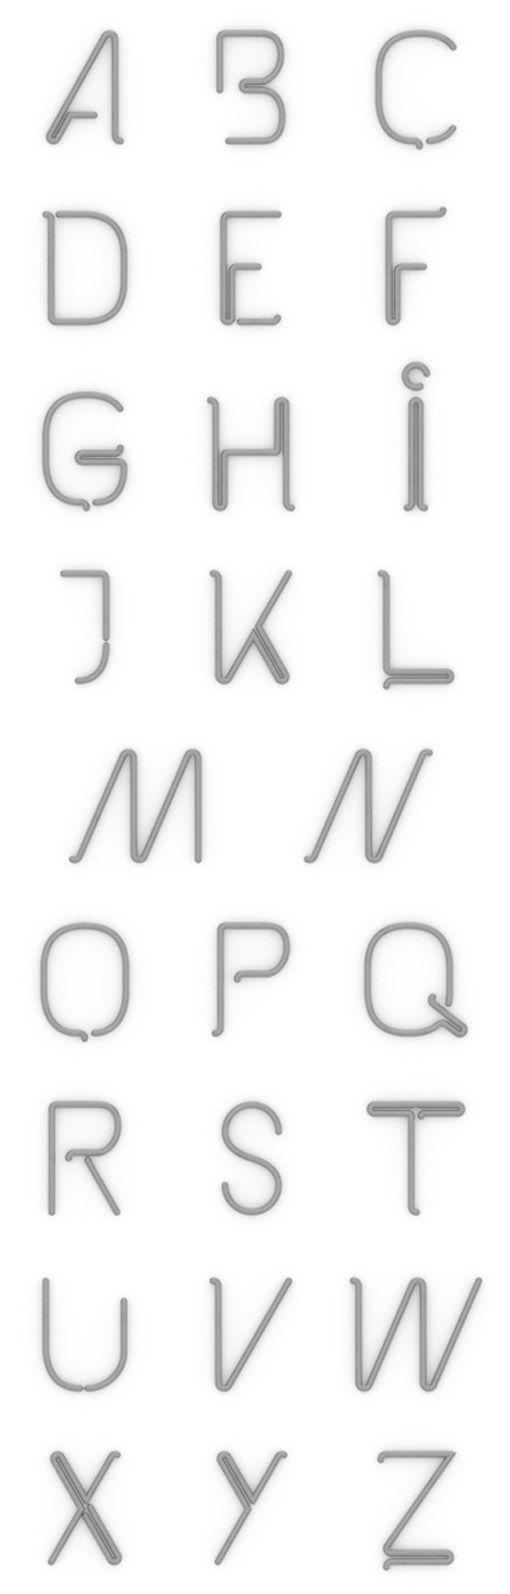 Kabel: Fonts Free, Lap Videos, Font Free, Free Fonts, Kabel Fonts, Child Videos, Feelings Free, 3D Artworks, Call Kabel